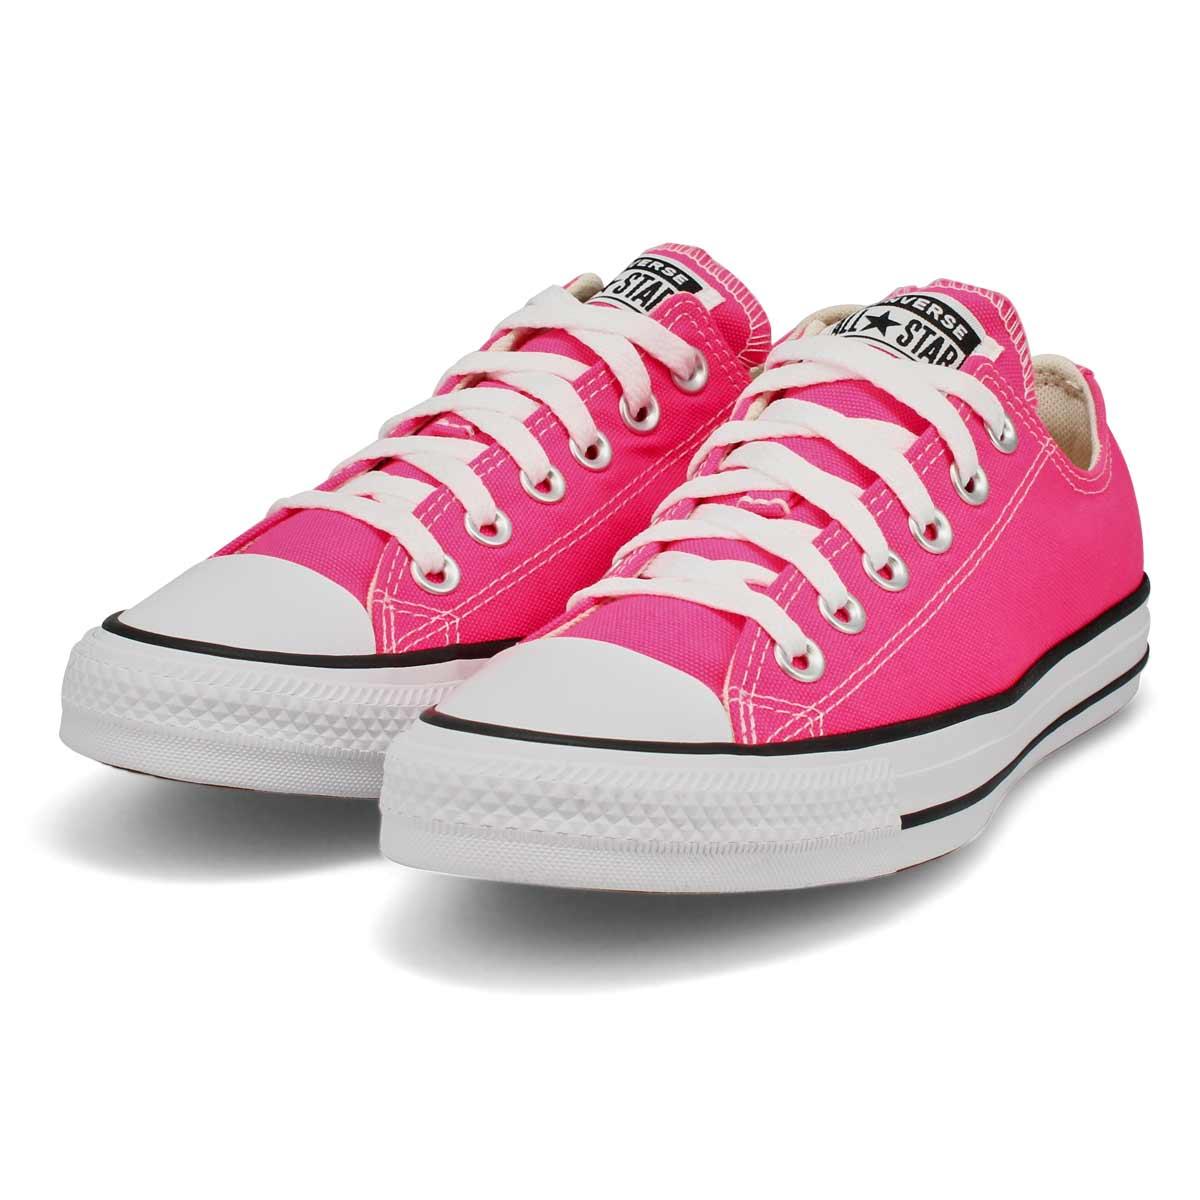 Women's All Star Seasonal Sneaker - Hyper Pink